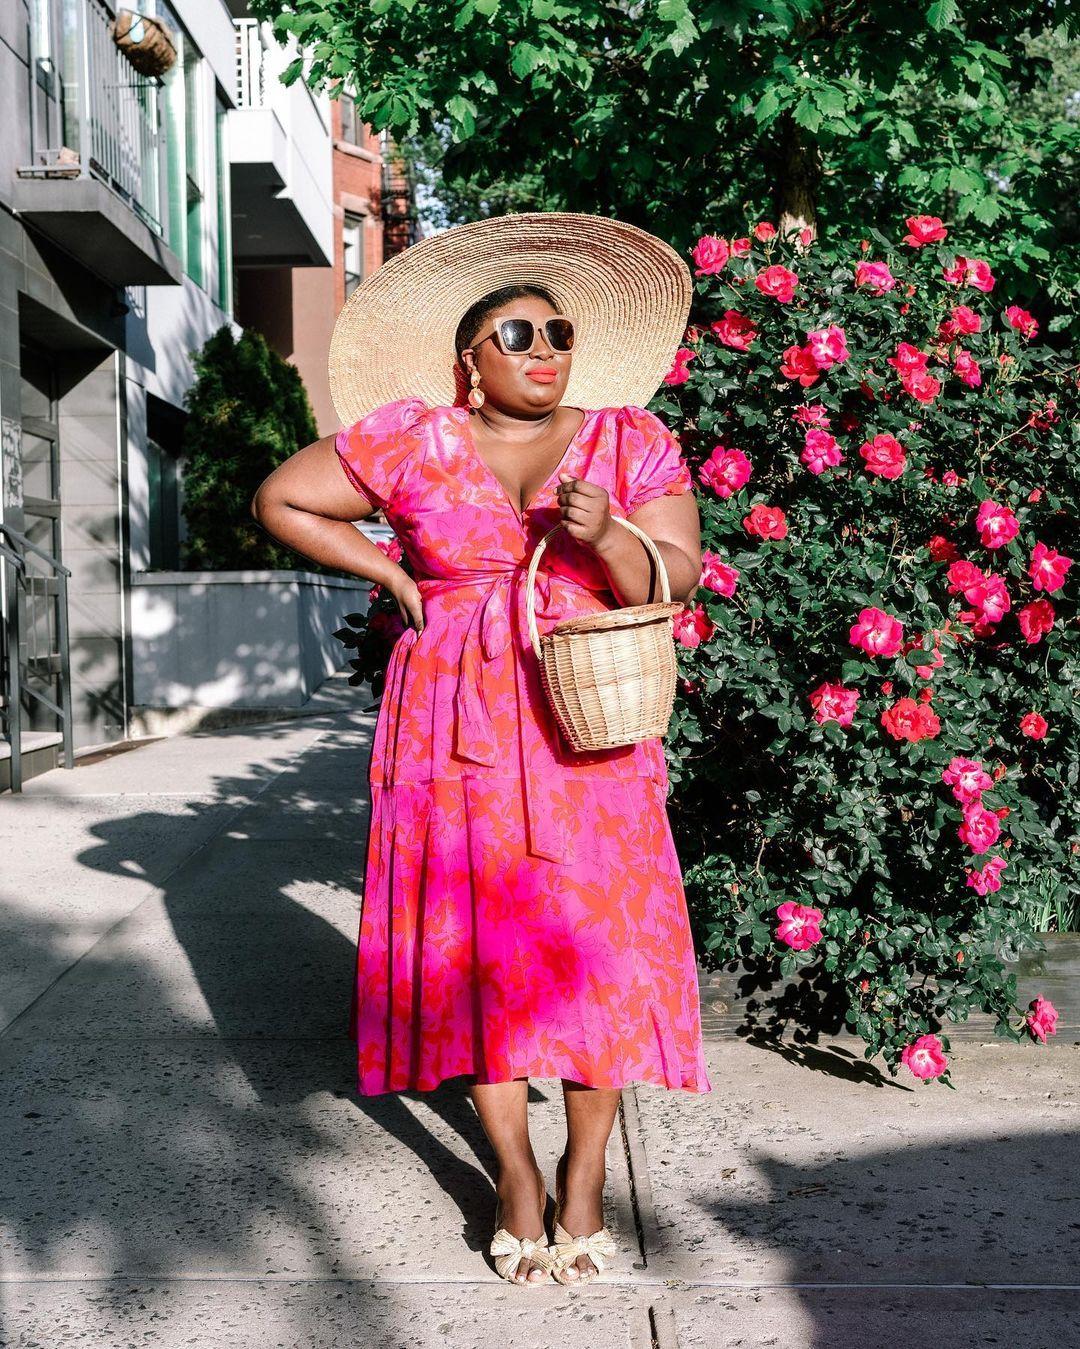 1612584556 446 echa un vistazo a las opciones para comprar y 30 - 40 modelos de vestidos rosas para un look que no pasa desapercibido